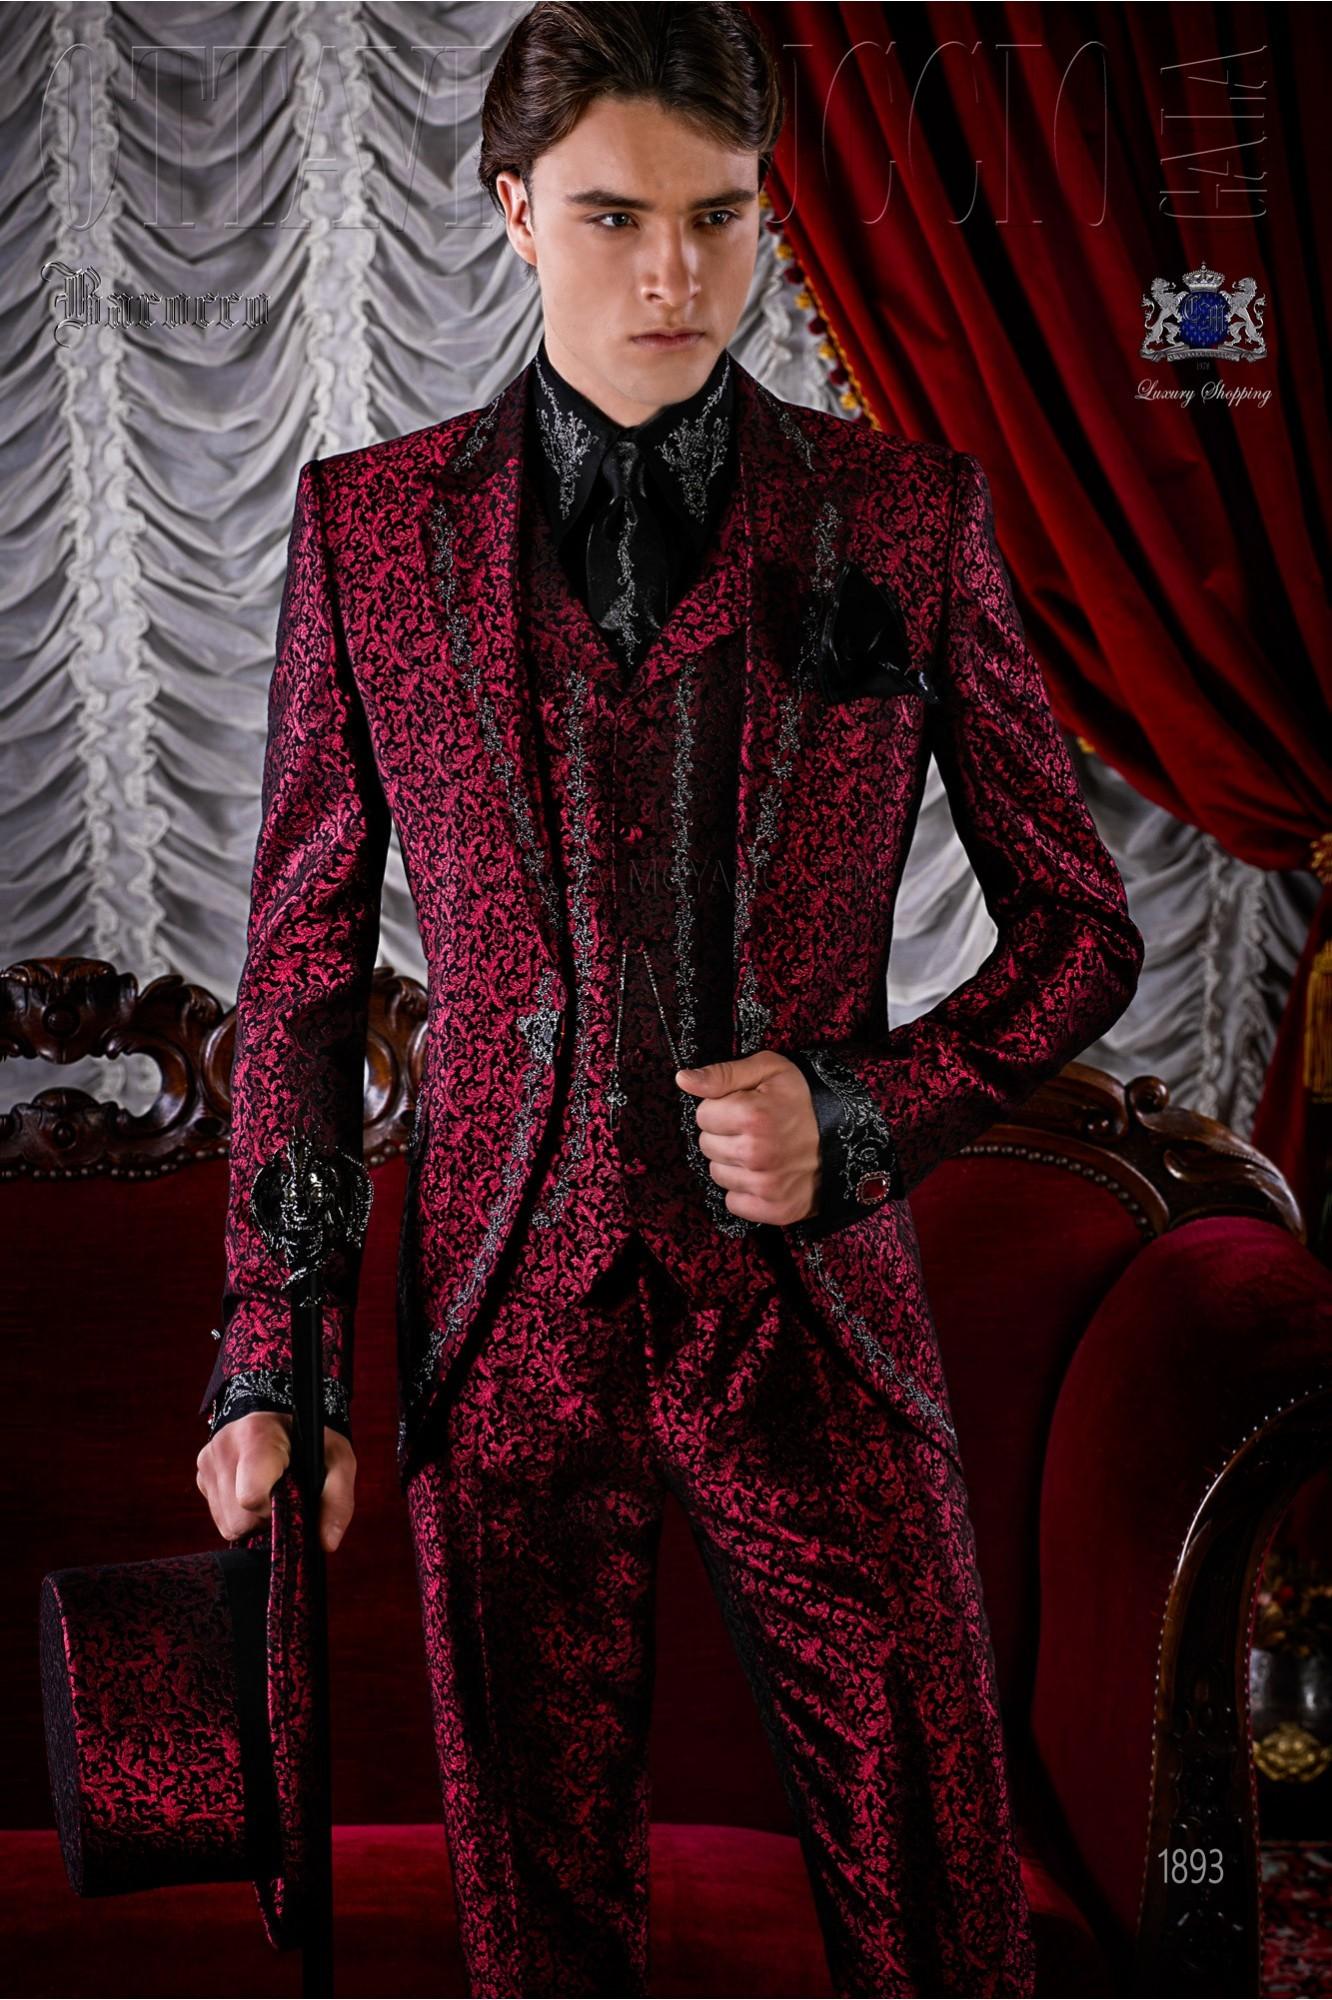 Traje de época modelo redingote brocado rojo bordado plateado modelo: 1893 Ottavio Nuccio Gala colección Barroco